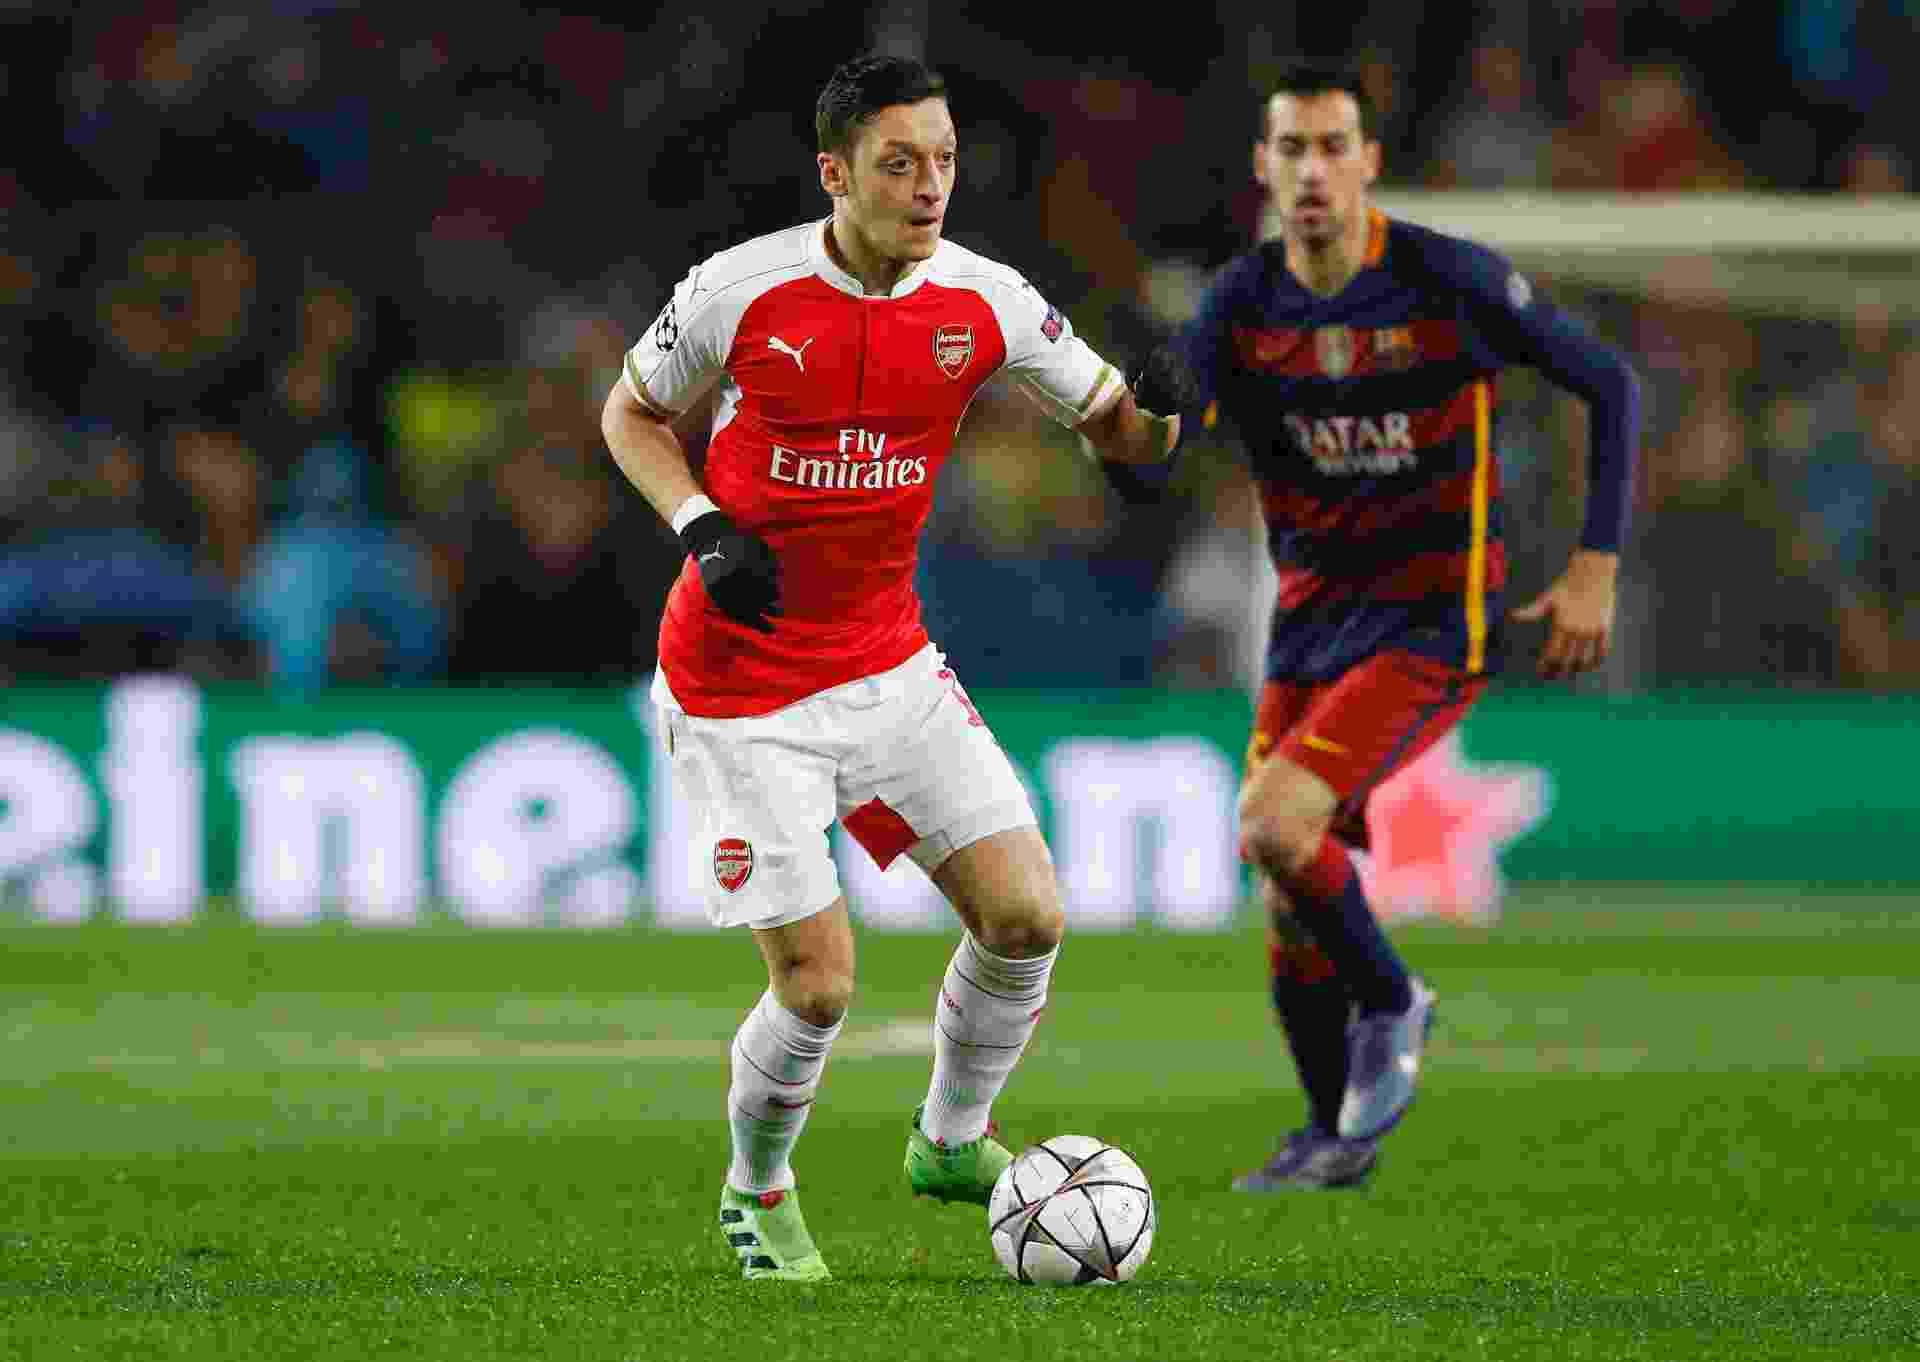 Ozil tenta a jogada acompanhado pela marcação de Busquets na partida entre Barcelona e Arsenal pela Liga dos Campeões - Carl Recine/Reuters